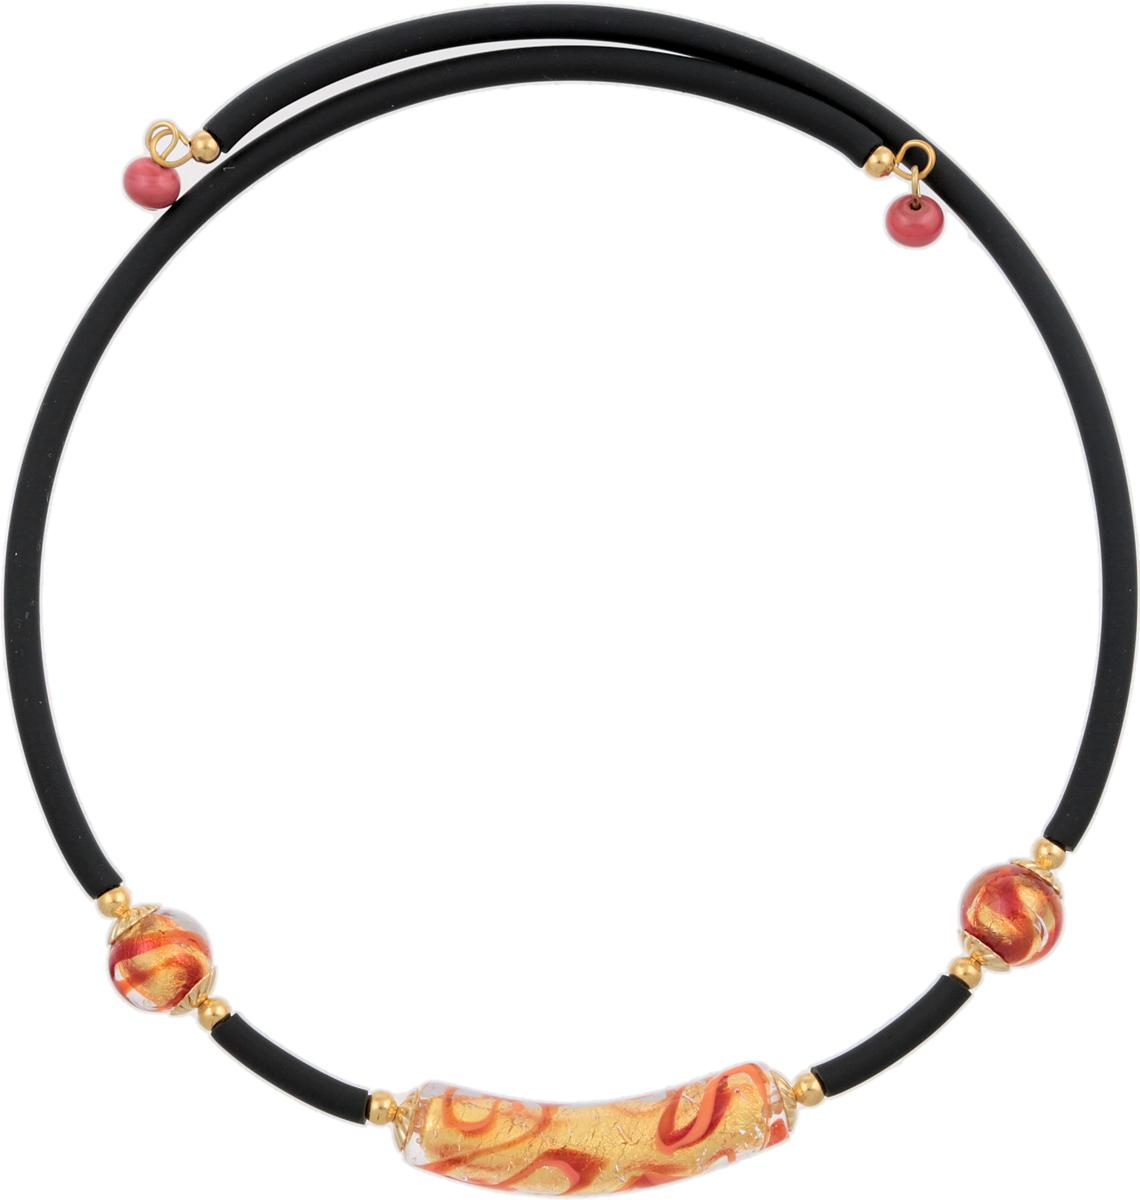 Колье Сицилия. Муранское стекло, каучук, ручная работа. Murano, Италия (Венеция)10101761Колье Сицилия. Муранское стекло, каучук, ручная работа. Murano, Италия (Венеция). Диаметр - 13 см (размер регулируется). Каждое изделие из муранского стекла уникально и может незначительно отличаться от того, что вы видите на фотографии